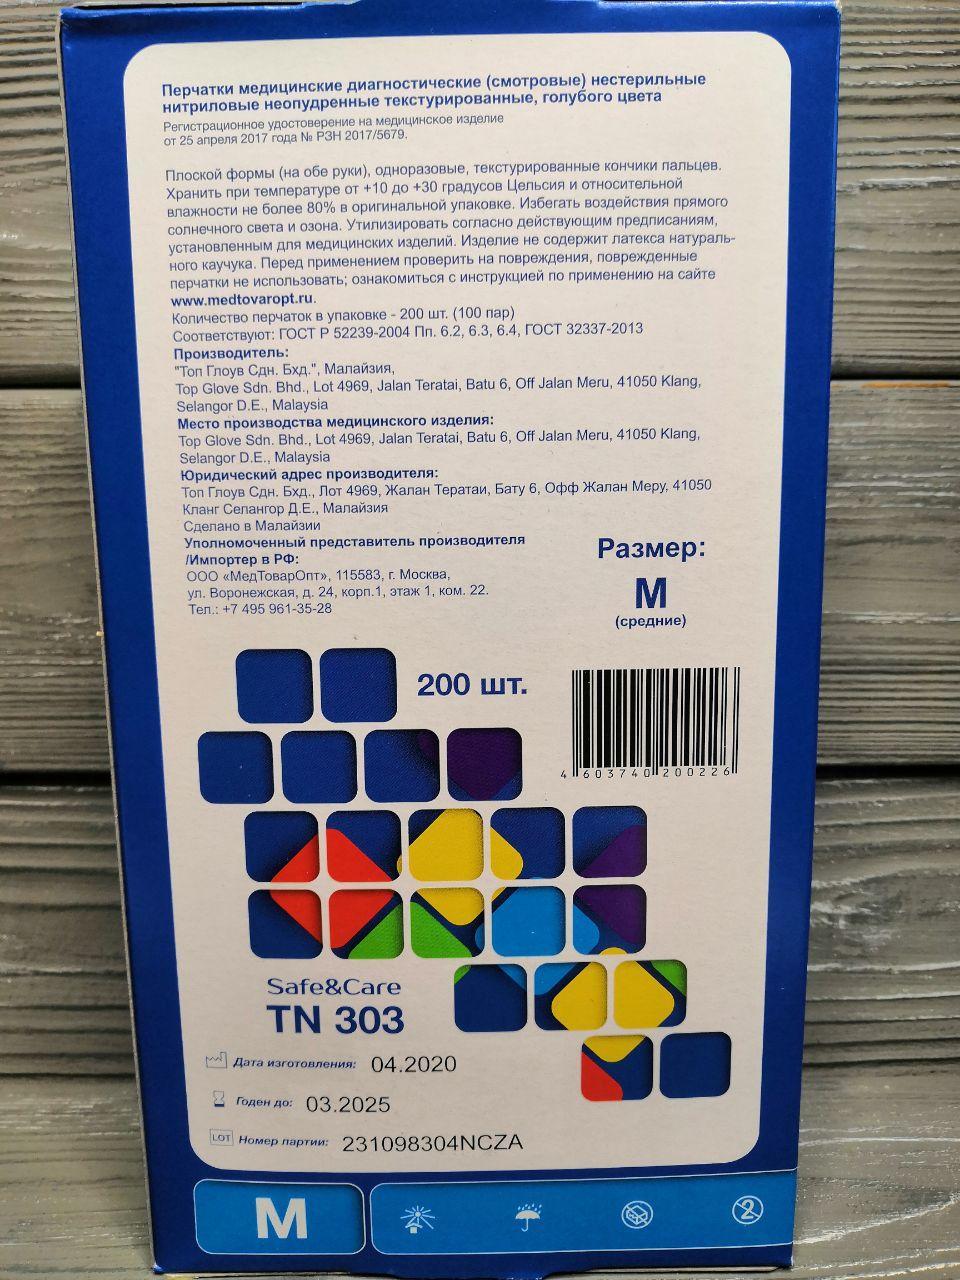 изображение Перчатки нитрил 200шт (100пар) TopGlove (Топ Глав) M Синие